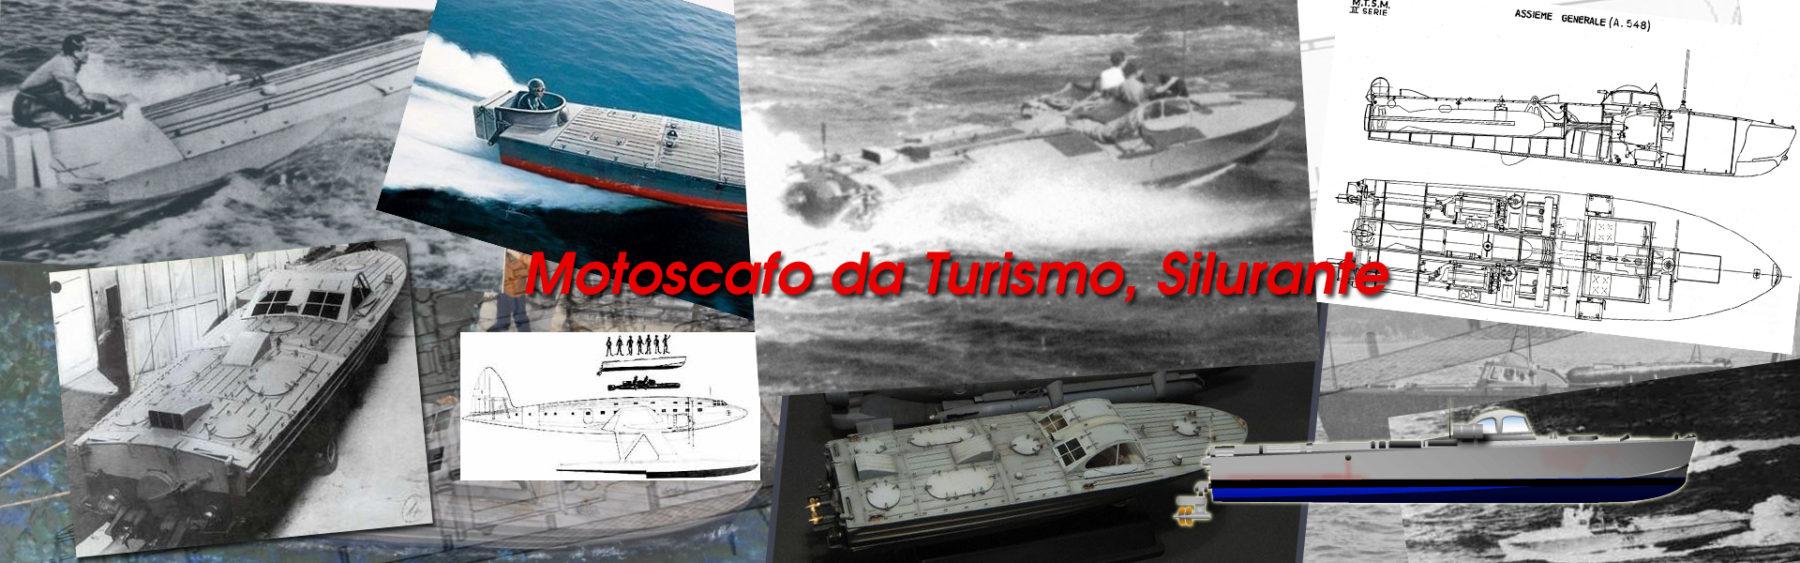 Motoscafi Di Turismo series (1940)